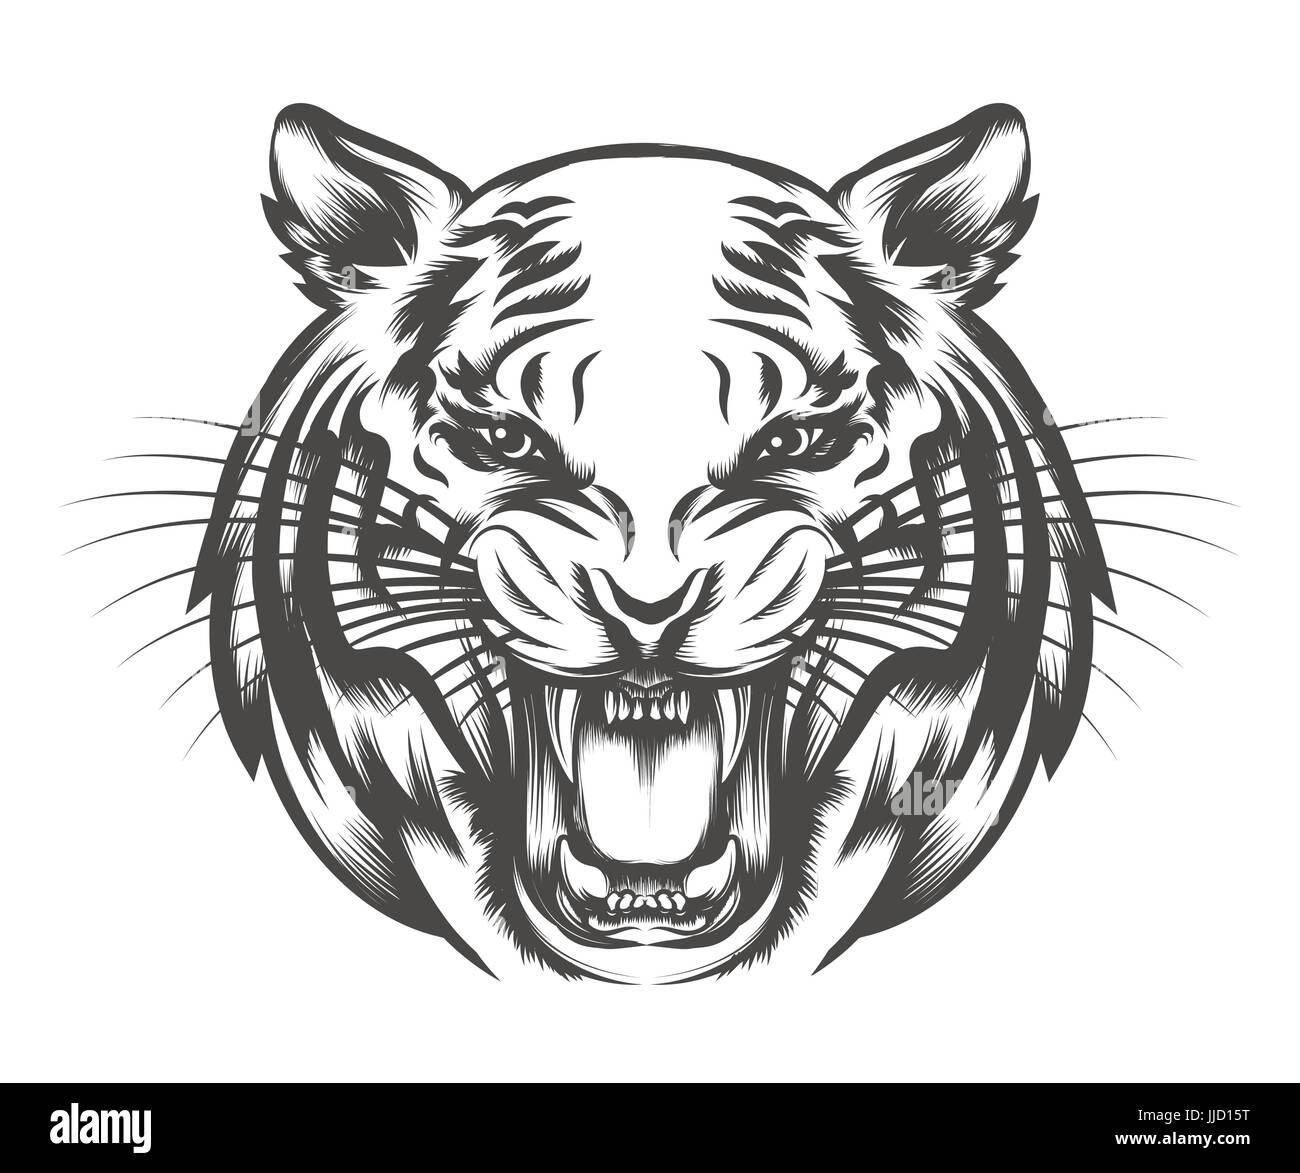 Tete De Tigre Rugissant Dessine Dans Le Style De Tatouage Isole Sur